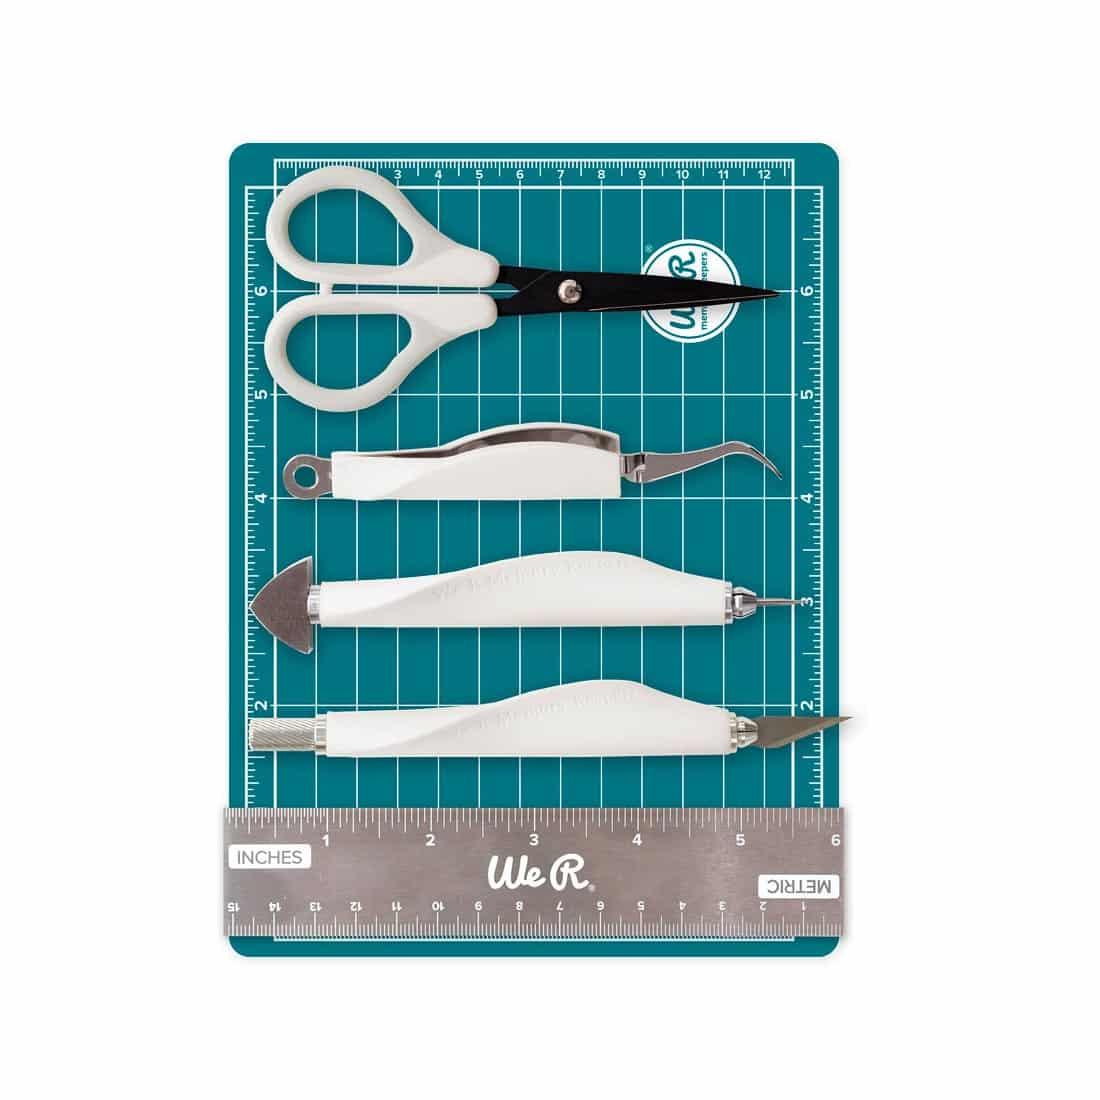 mini tool aqua kit WRMK scrapbook tijera regla base de corte tapete brads cutter La esquinita del scrap México 1